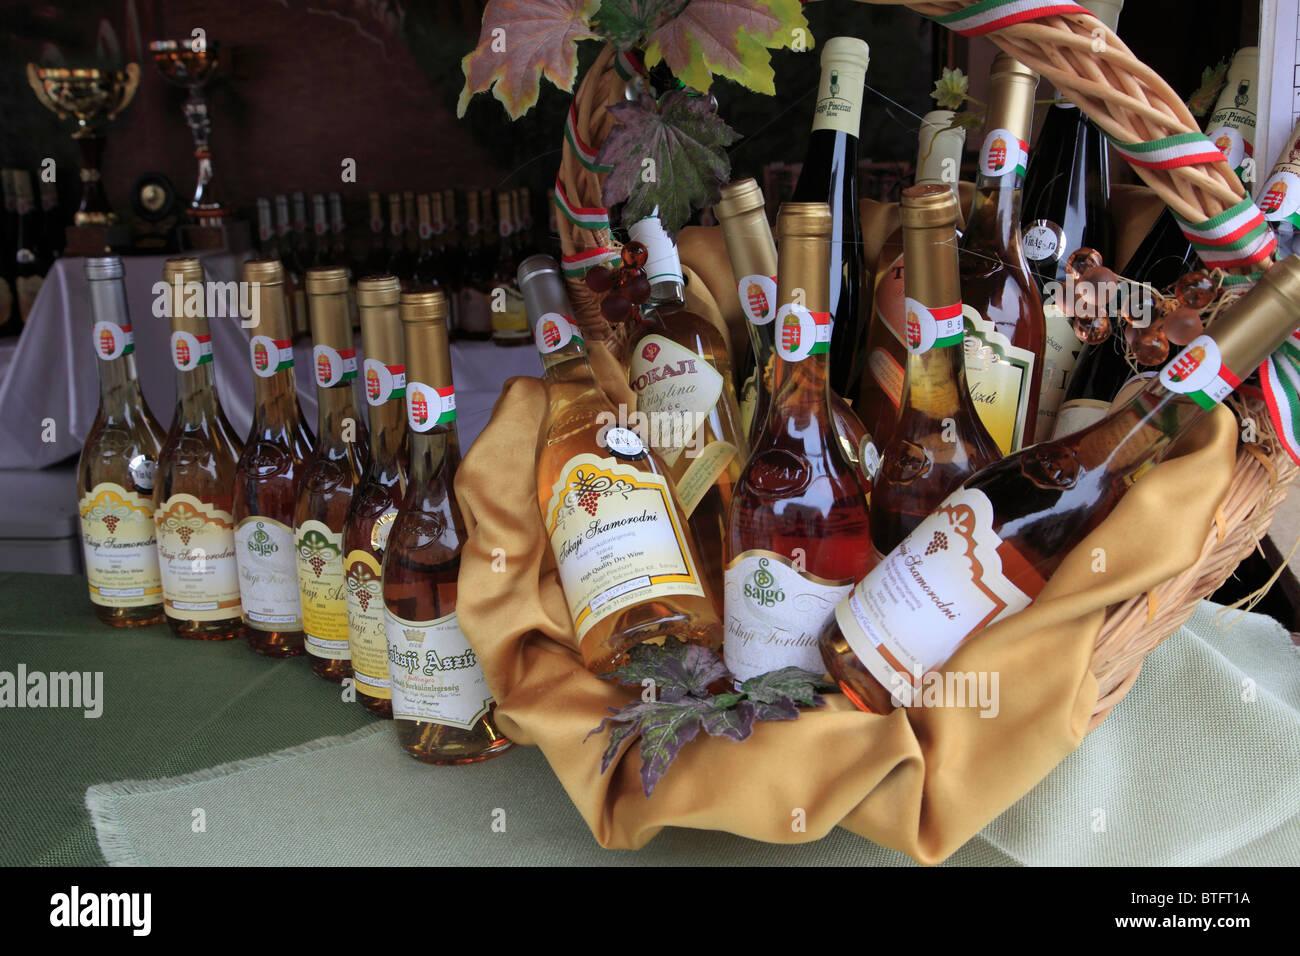 Hungary, Budapest, wine festival, bottles, Stock Photo